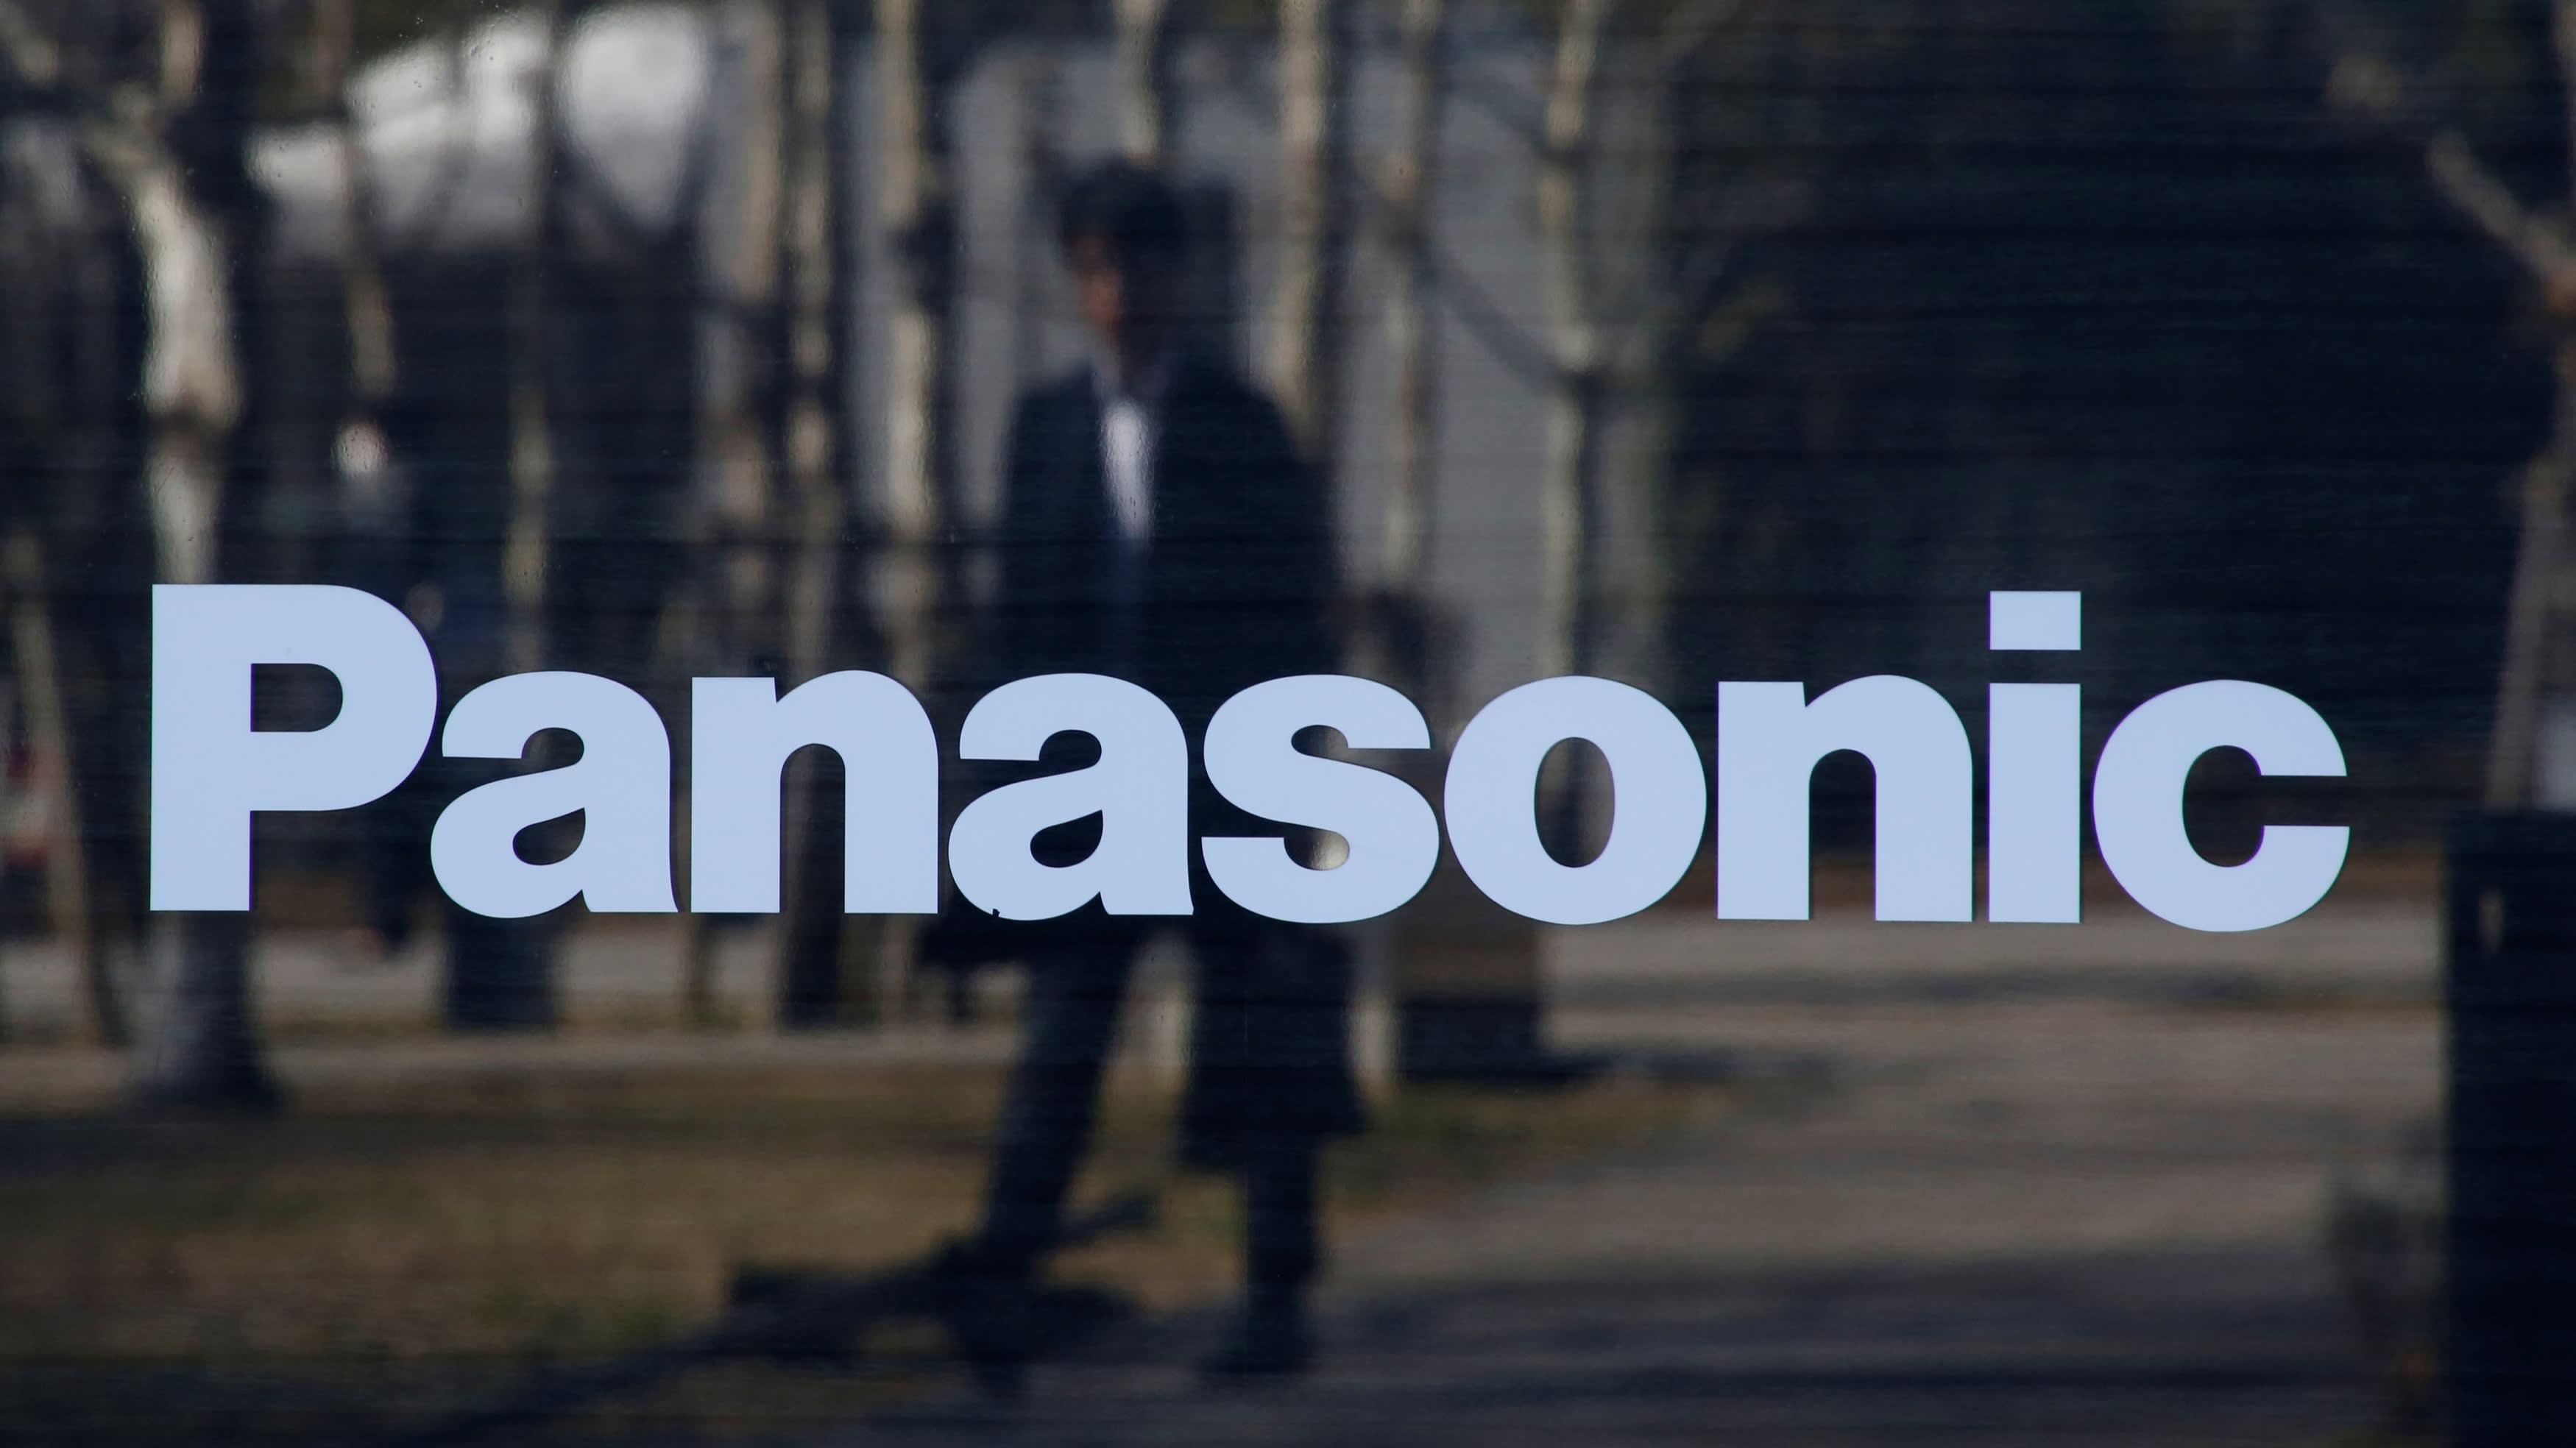 Panasonic chuyển sản xuất máy giặt, tủ lạnh từ Thái Lan sang Việt Nam